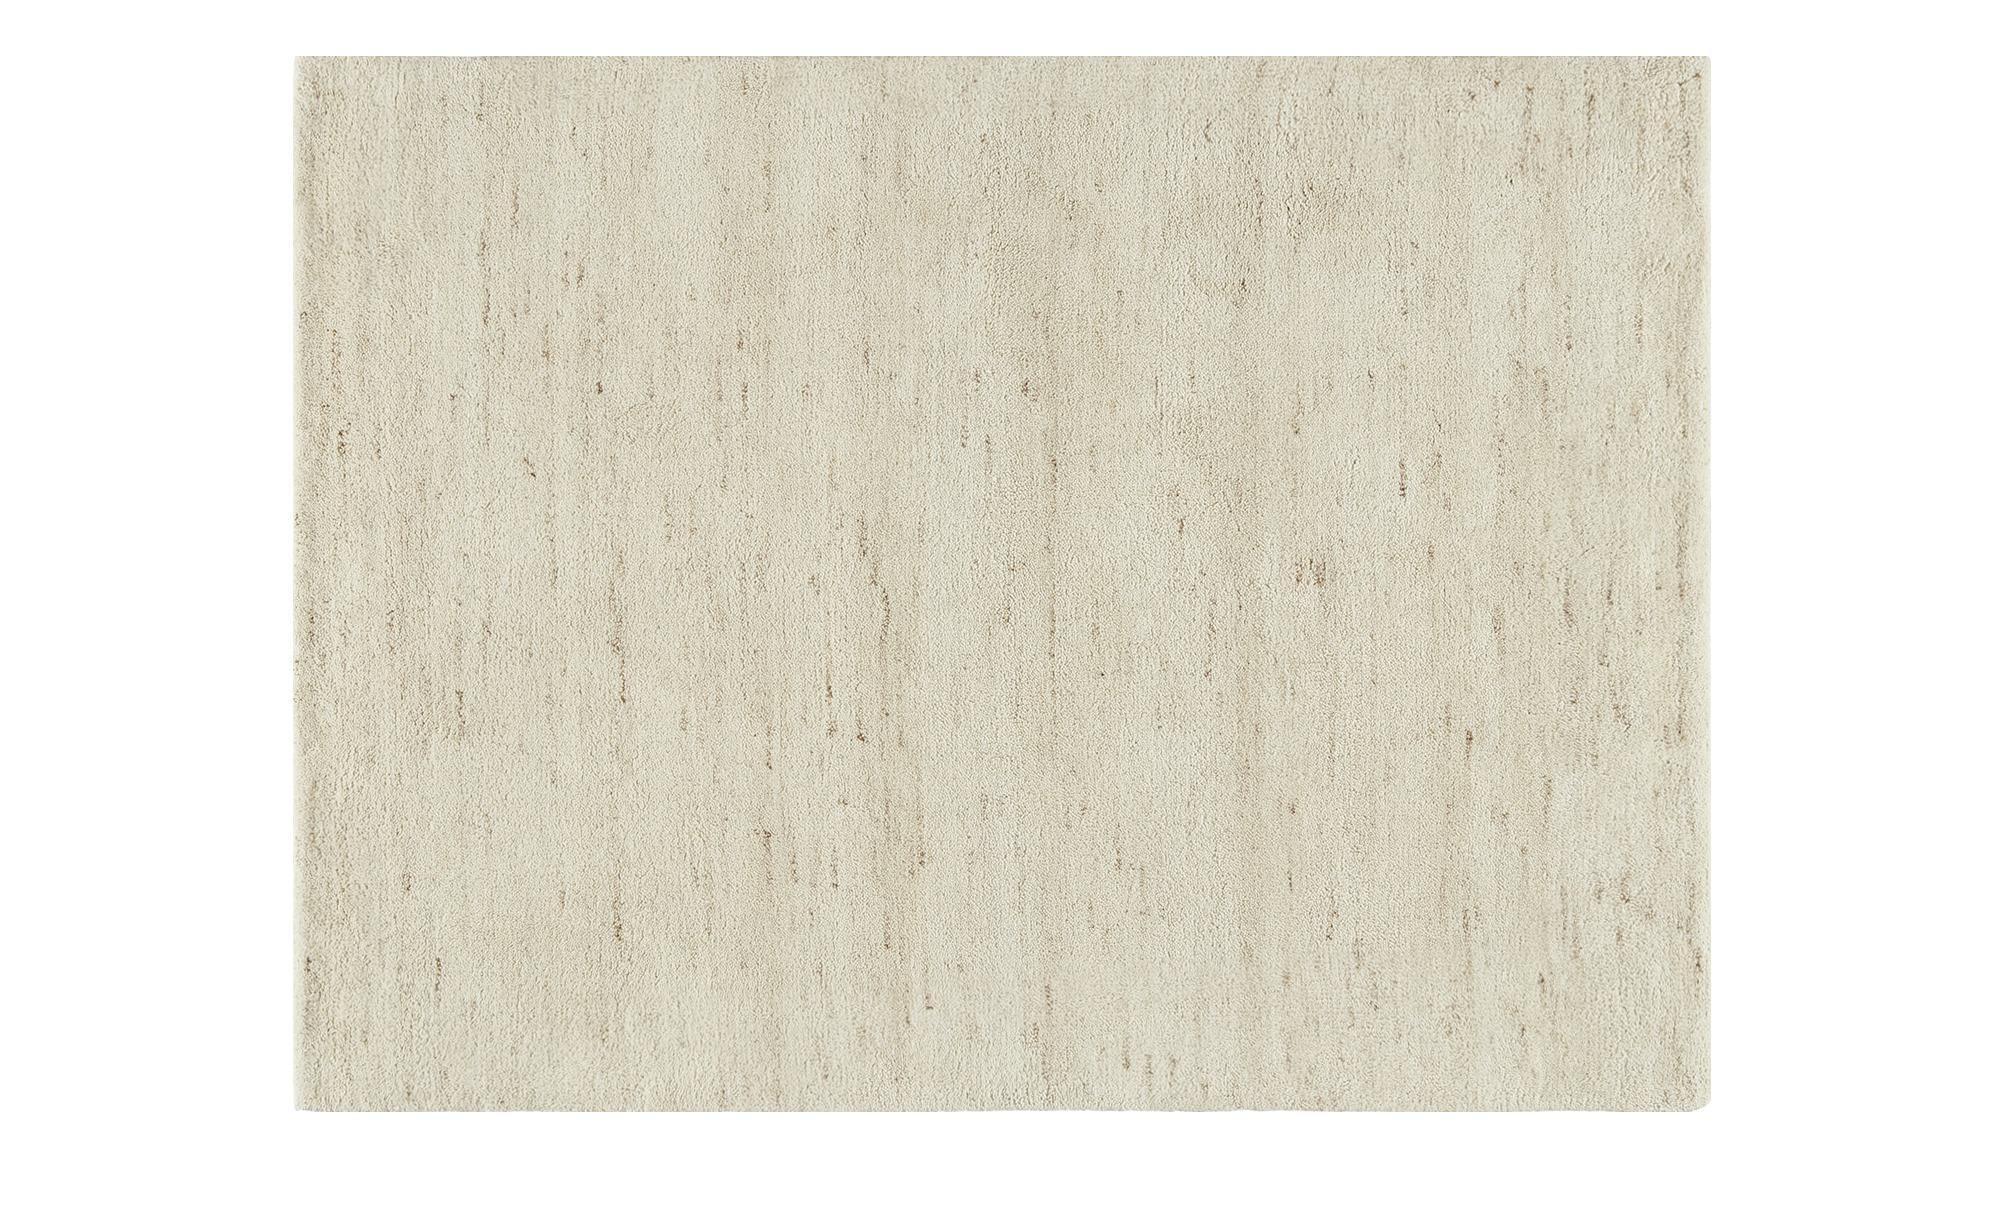 Berber-Teppich - creme - 100 % Wolle - 120 cm - Teppiche > Naturteppiche - Möbel Kraft   Heimtextilien > Teppiche > Berberteppiche   Sconto